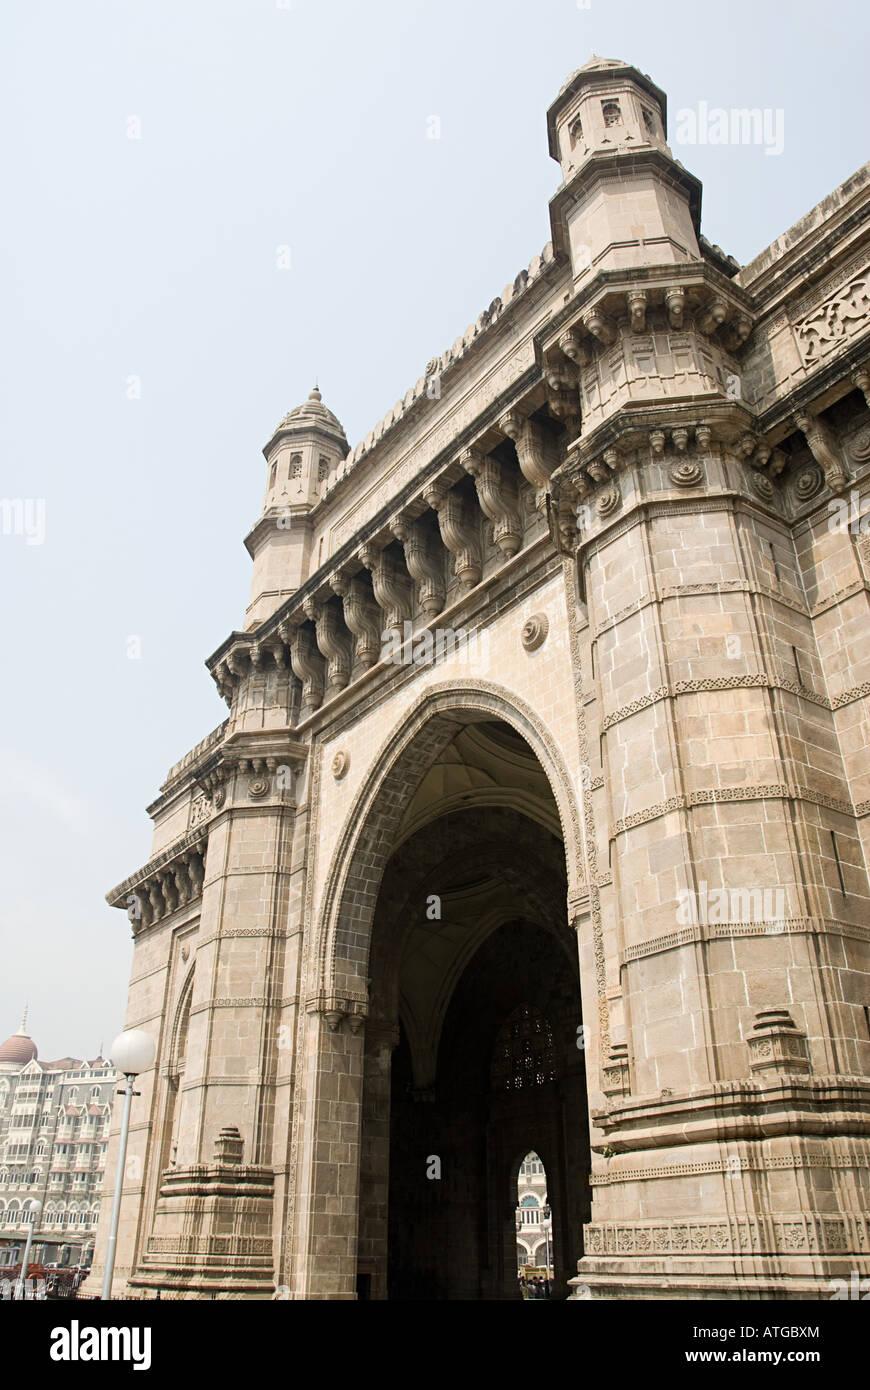 Koloniale Torbogen in mumbai Stockbild